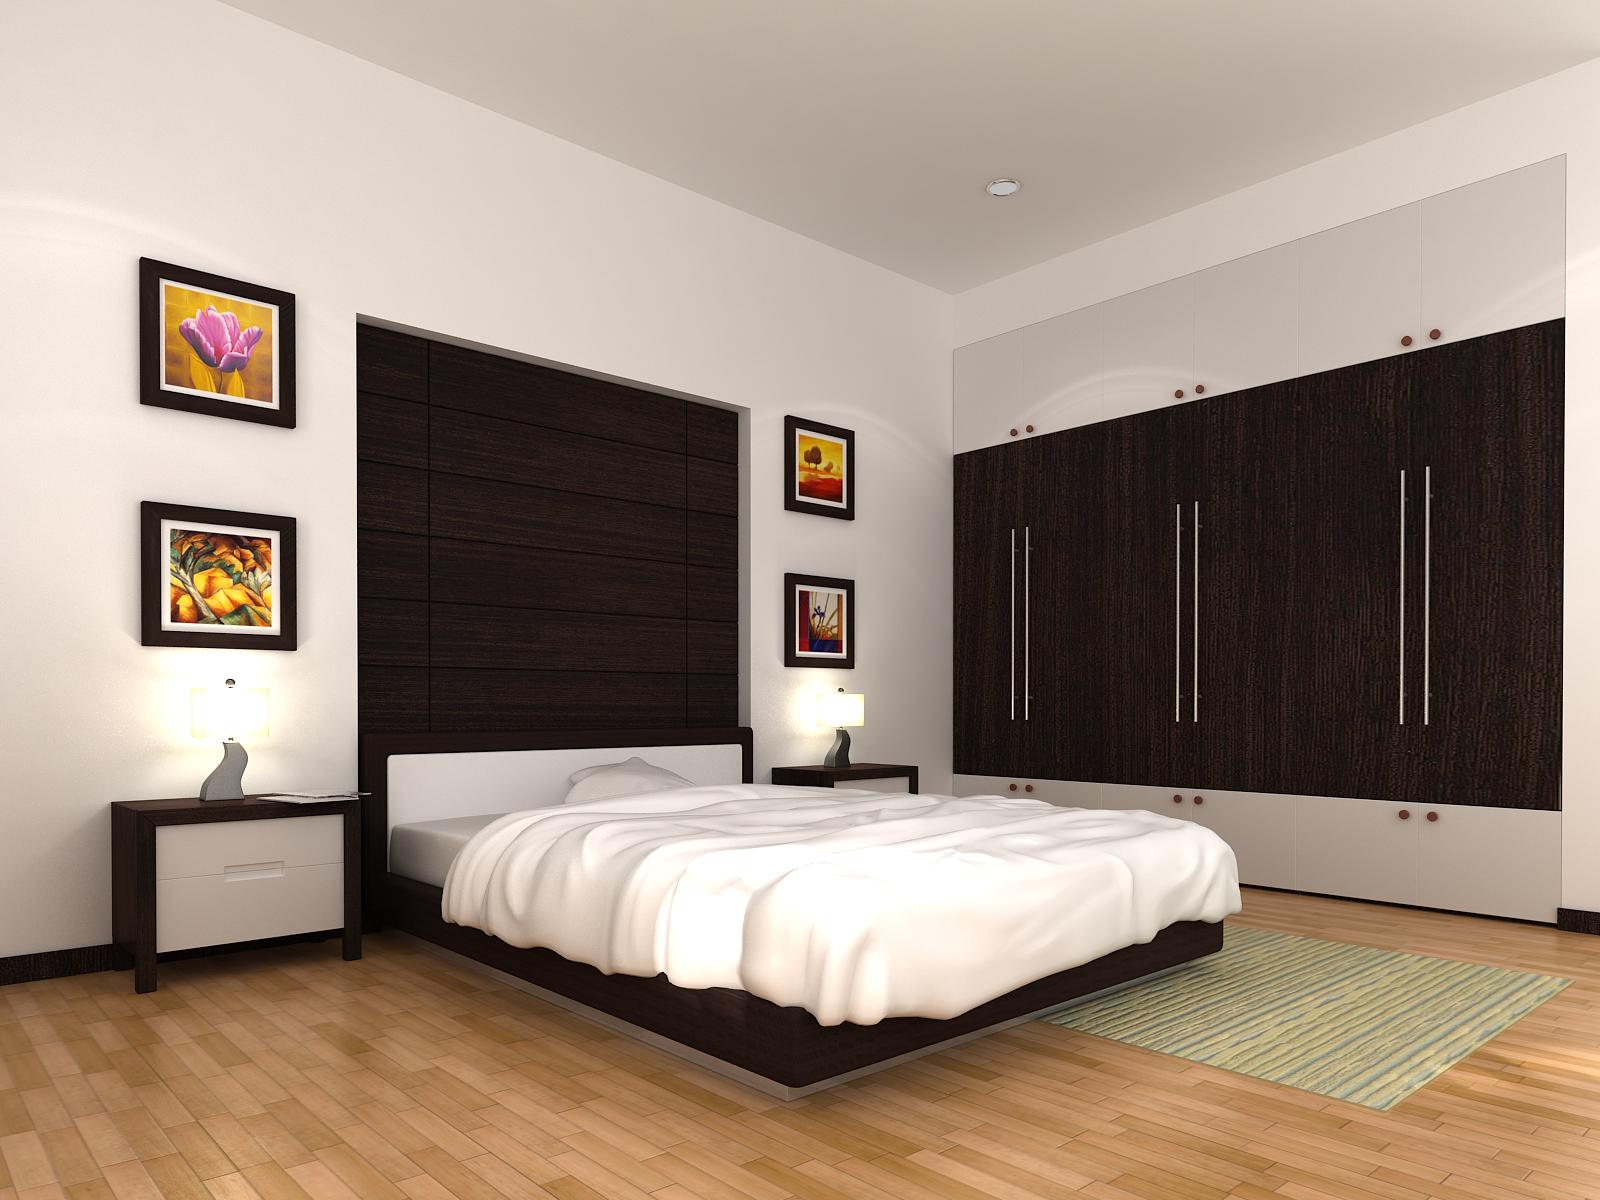 thiết kế nội thất Nhà tại Hà Nội nhà ở lô phố 8 1548601462